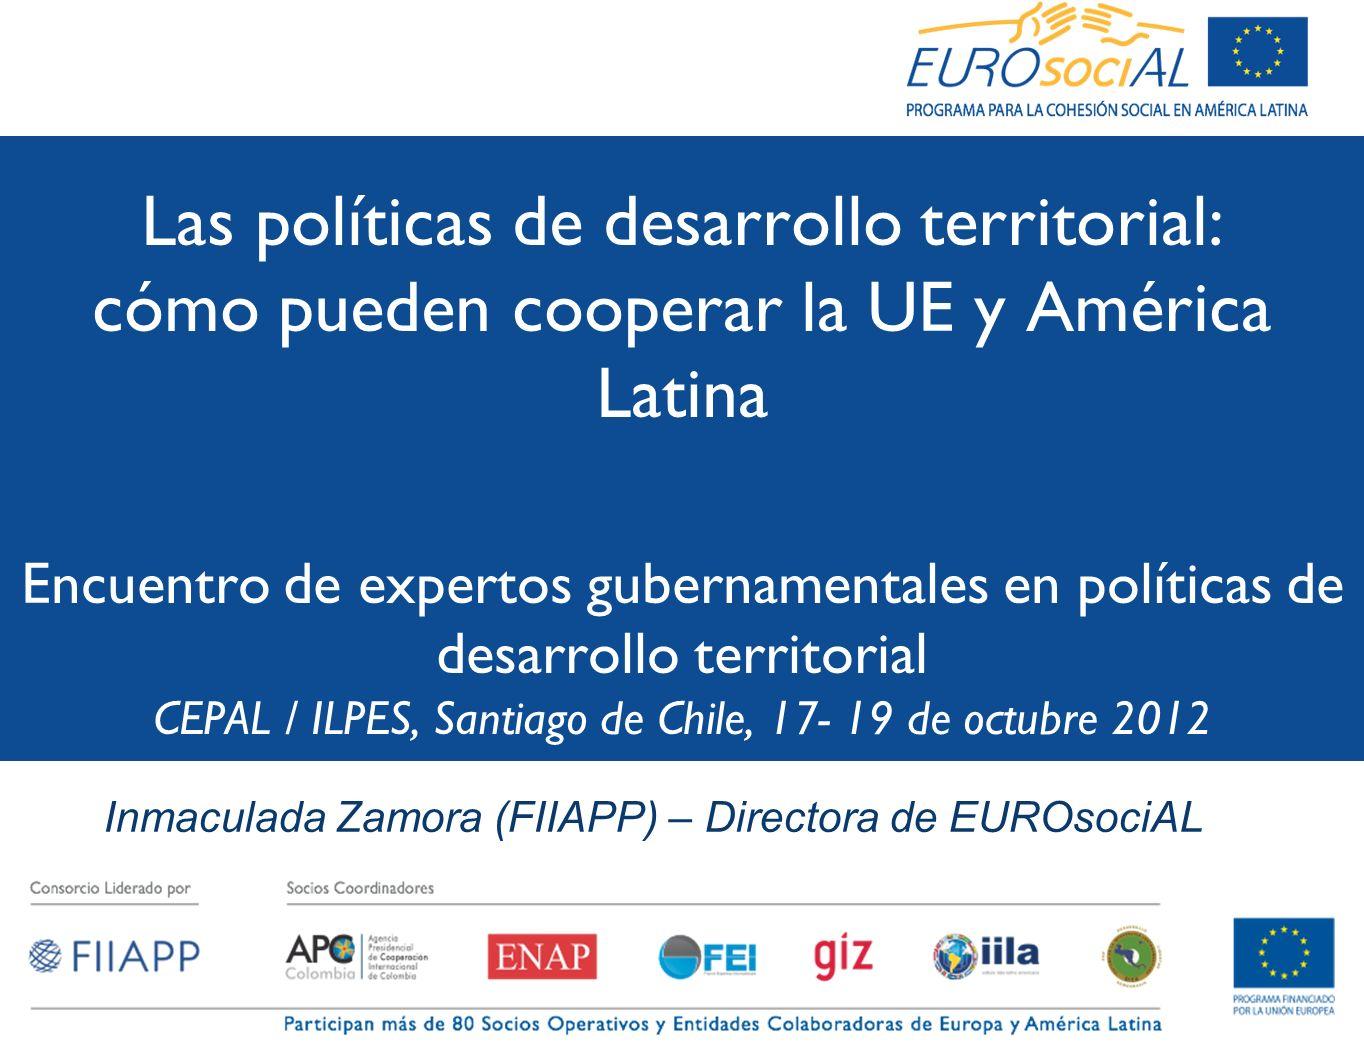 Las políticas de desarrollo territorial: cómo pueden cooperar la UE y América Latina Encuentro de expertos gubernamentales en políticas de desarrollo